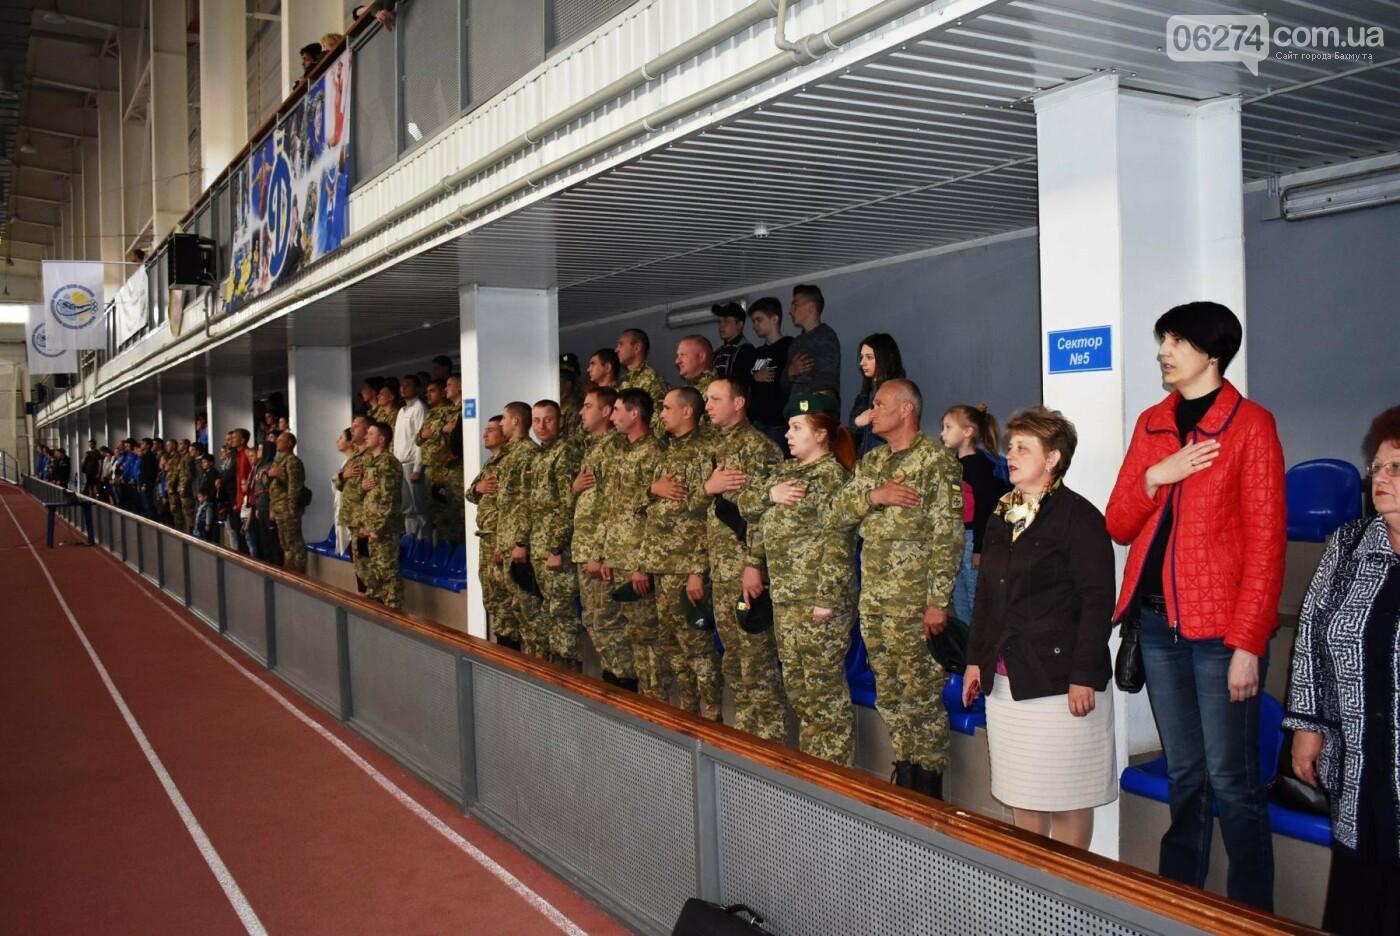 В Бахмуте презентовали спортсменов-олимпийцев Государственной пограничной службы Украины, фото-11